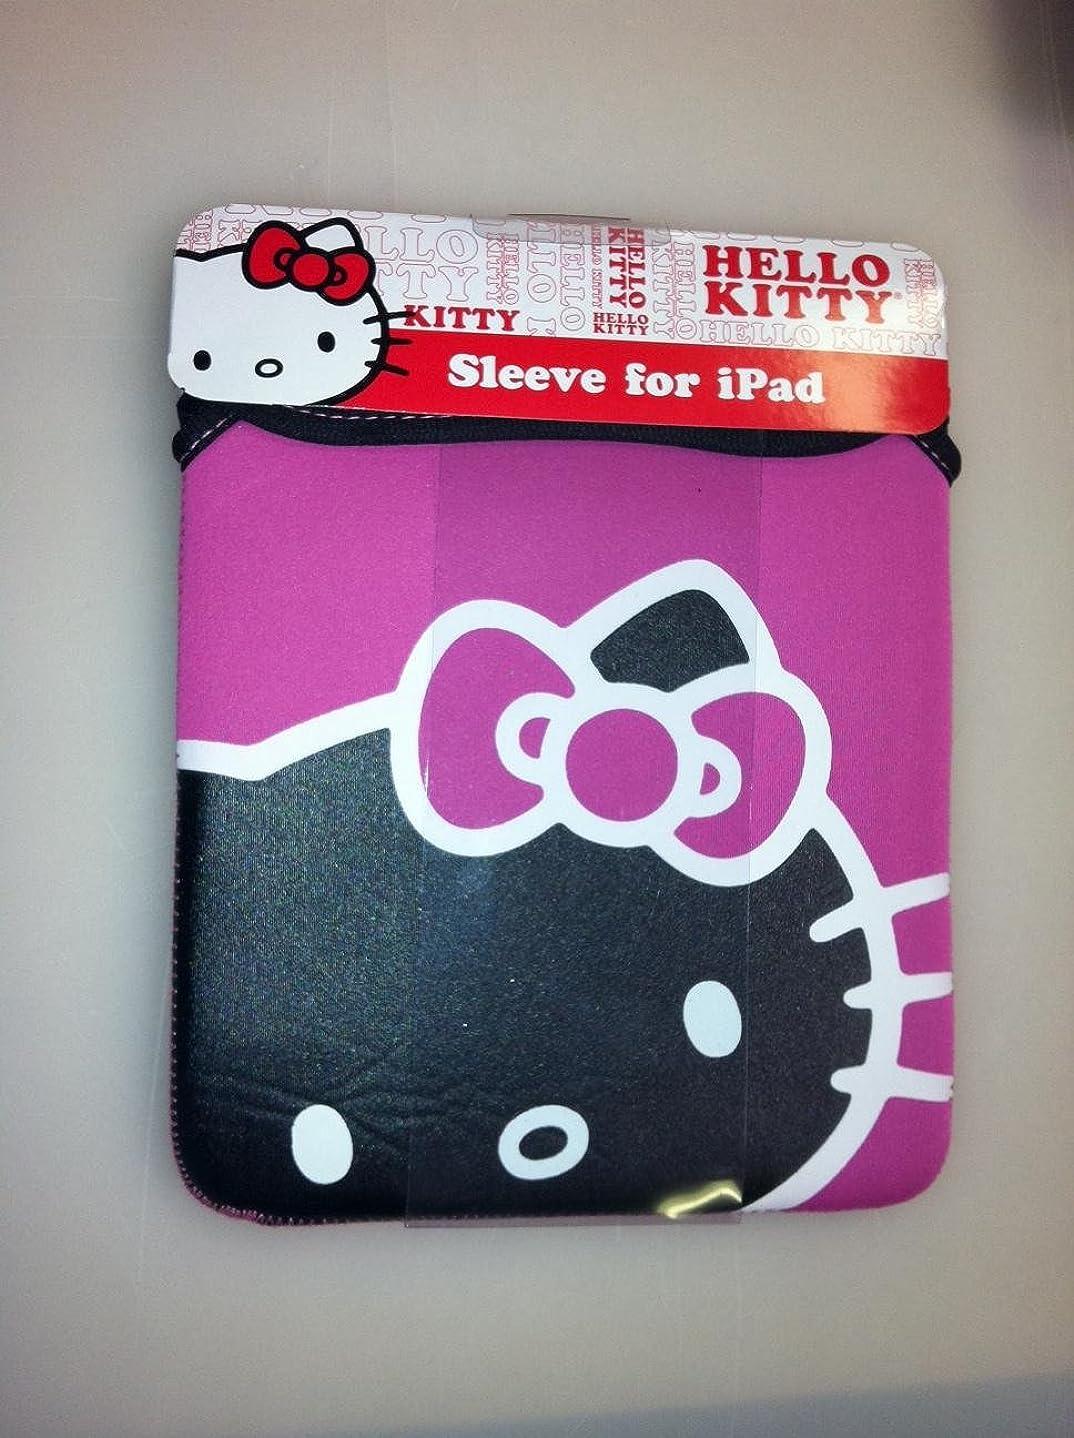 マーキング腐敗財団ギフトで最も注目コンボセット?–?Sanrio Hello Kitty iPadスリーブケースと1つHello Kitty歯ブラシセット